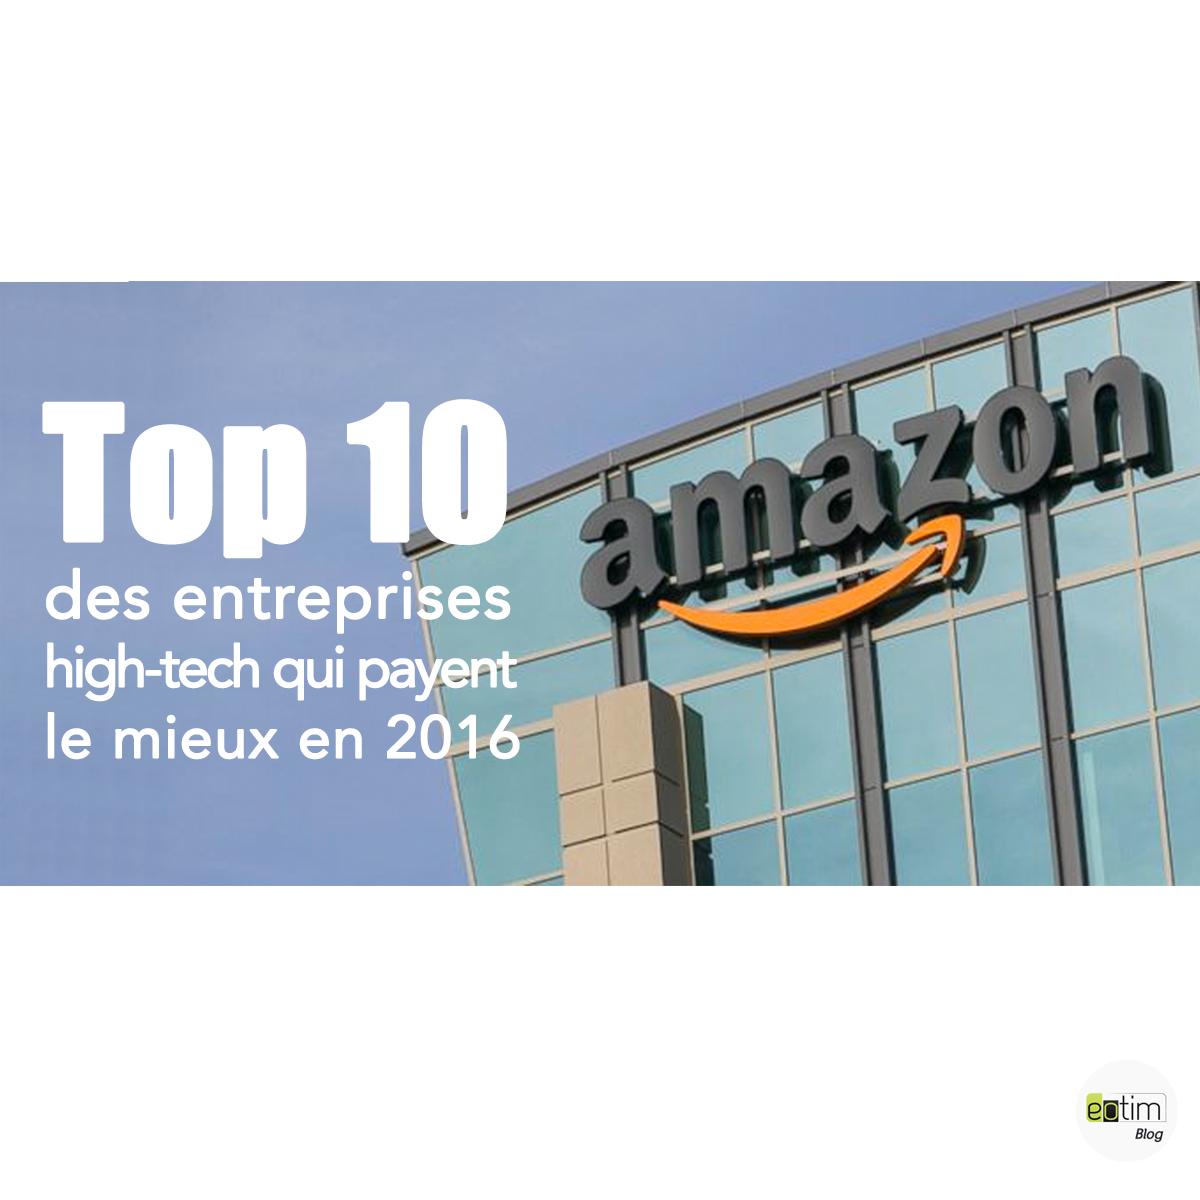 Top 10 des sociétés High-tech qui payent le mieux